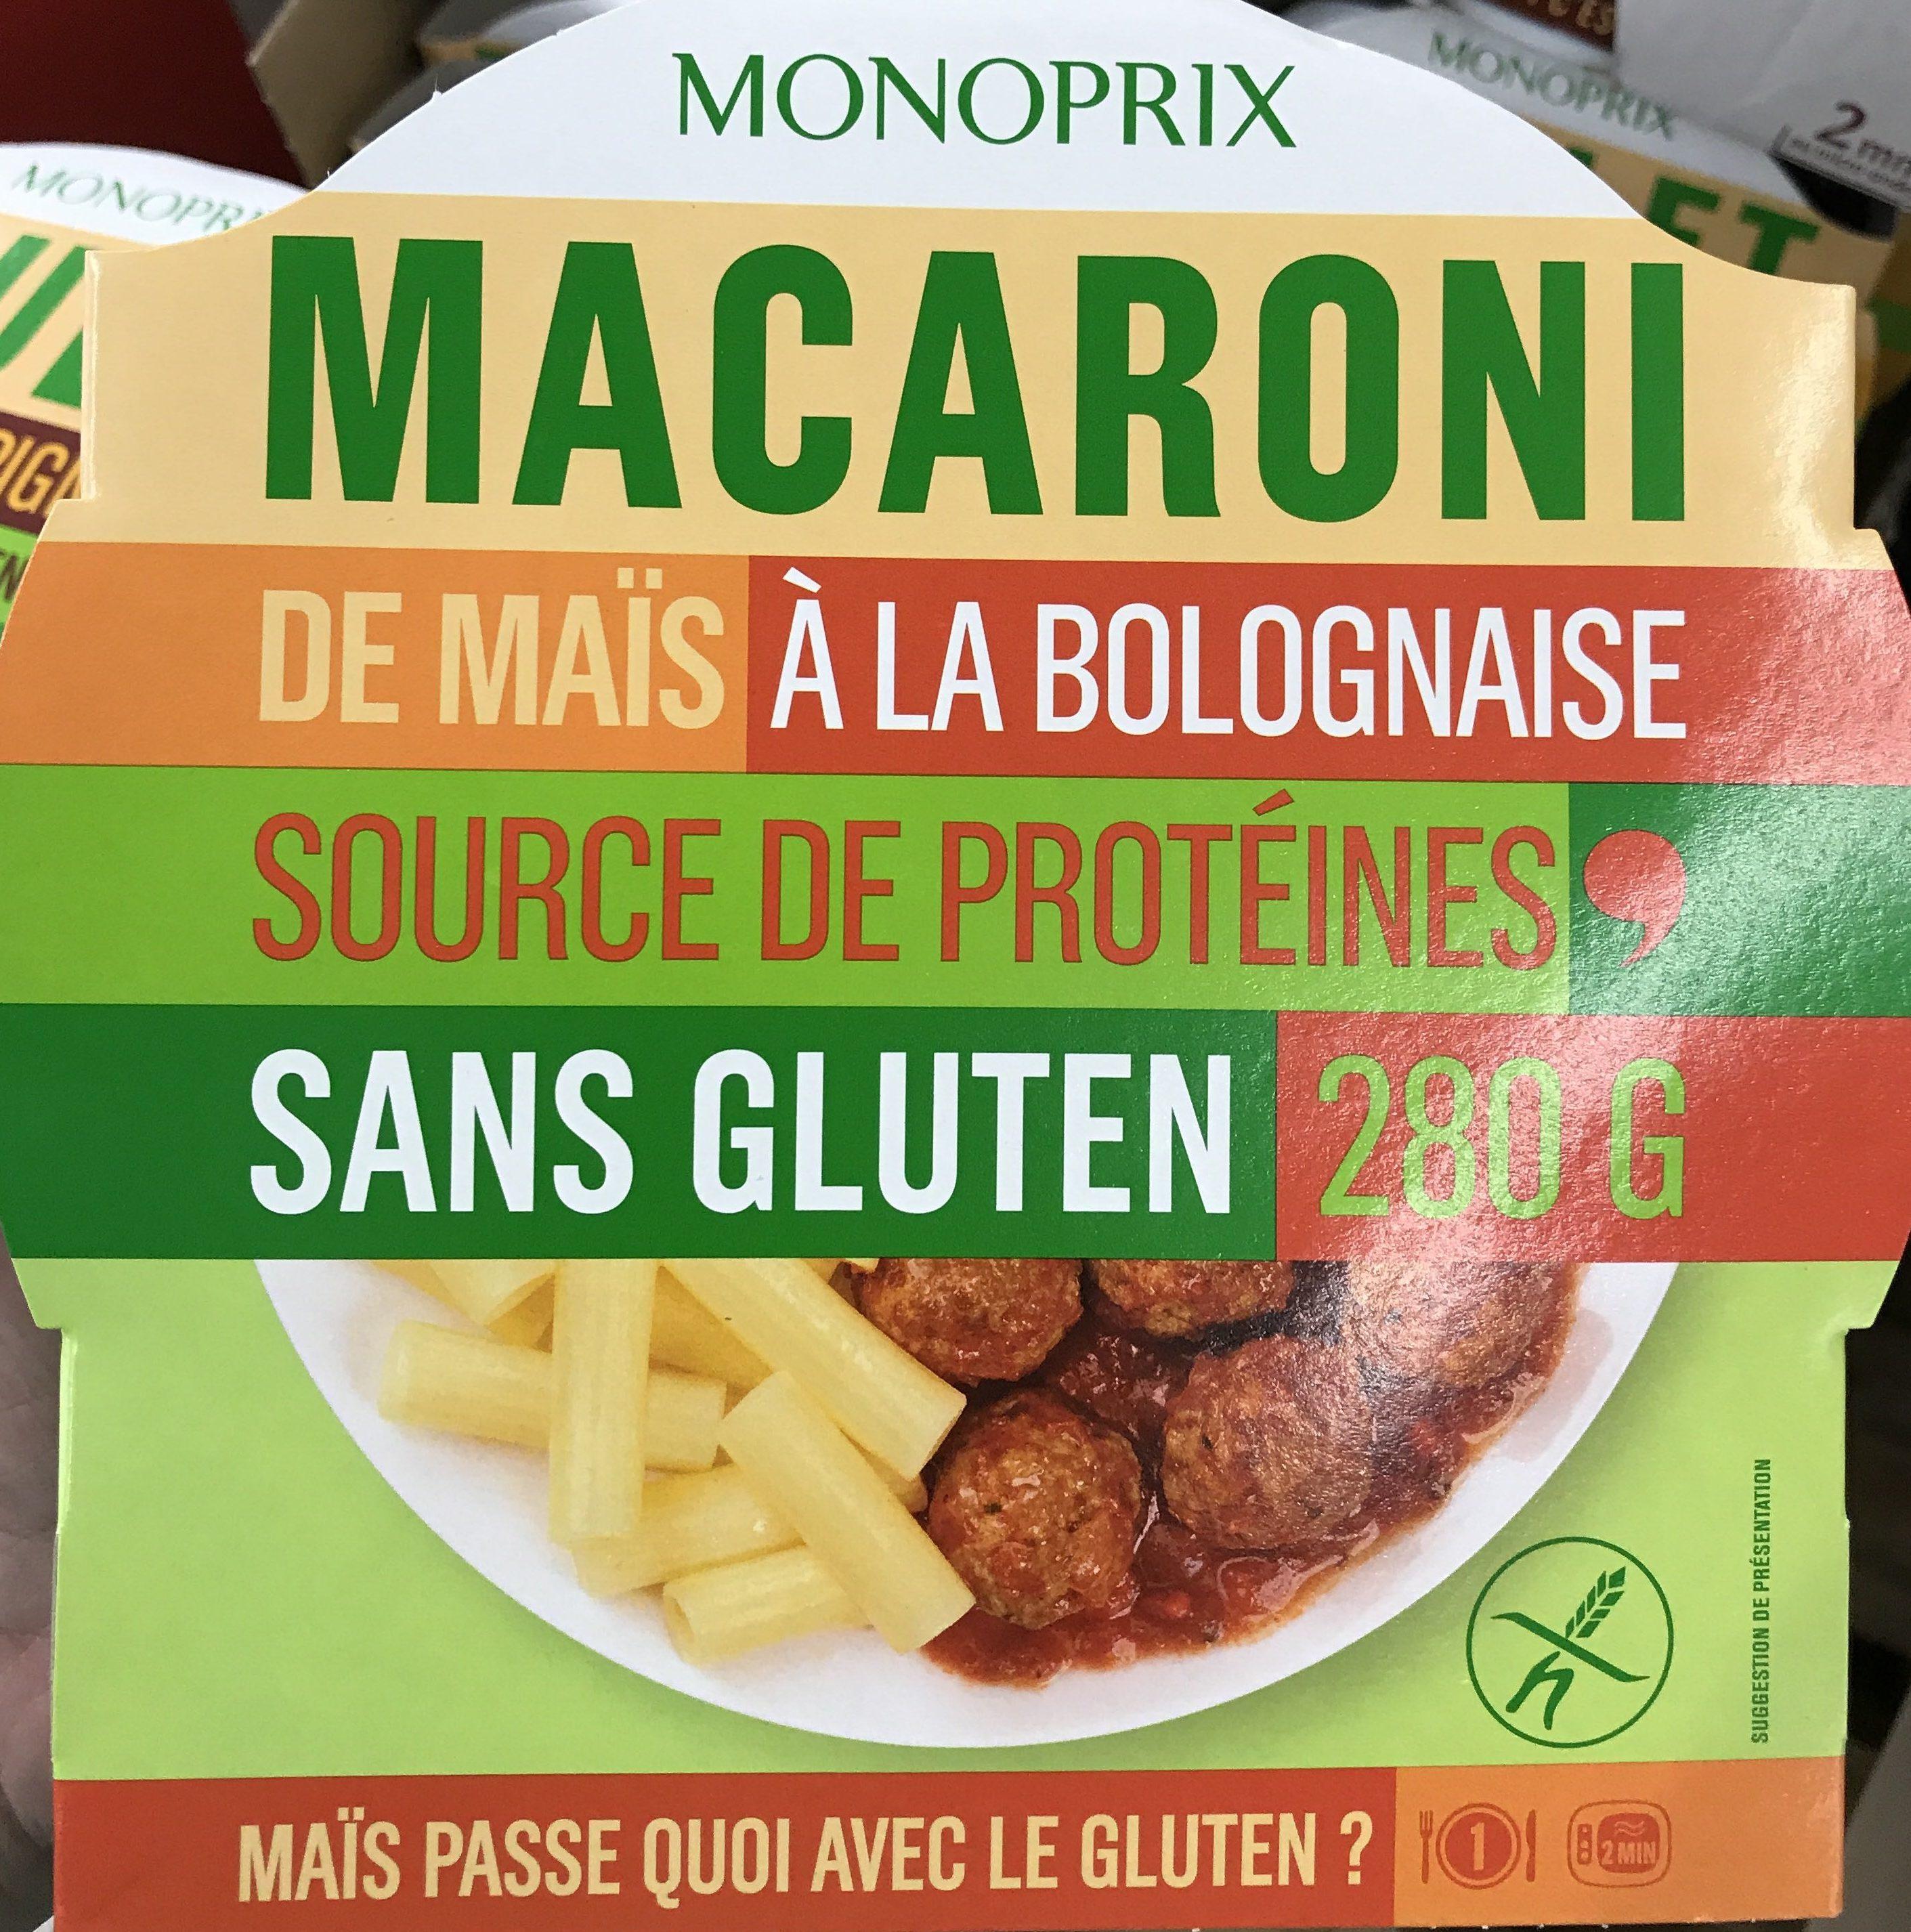 Macaroni de maïs à la bolognaise - Produit